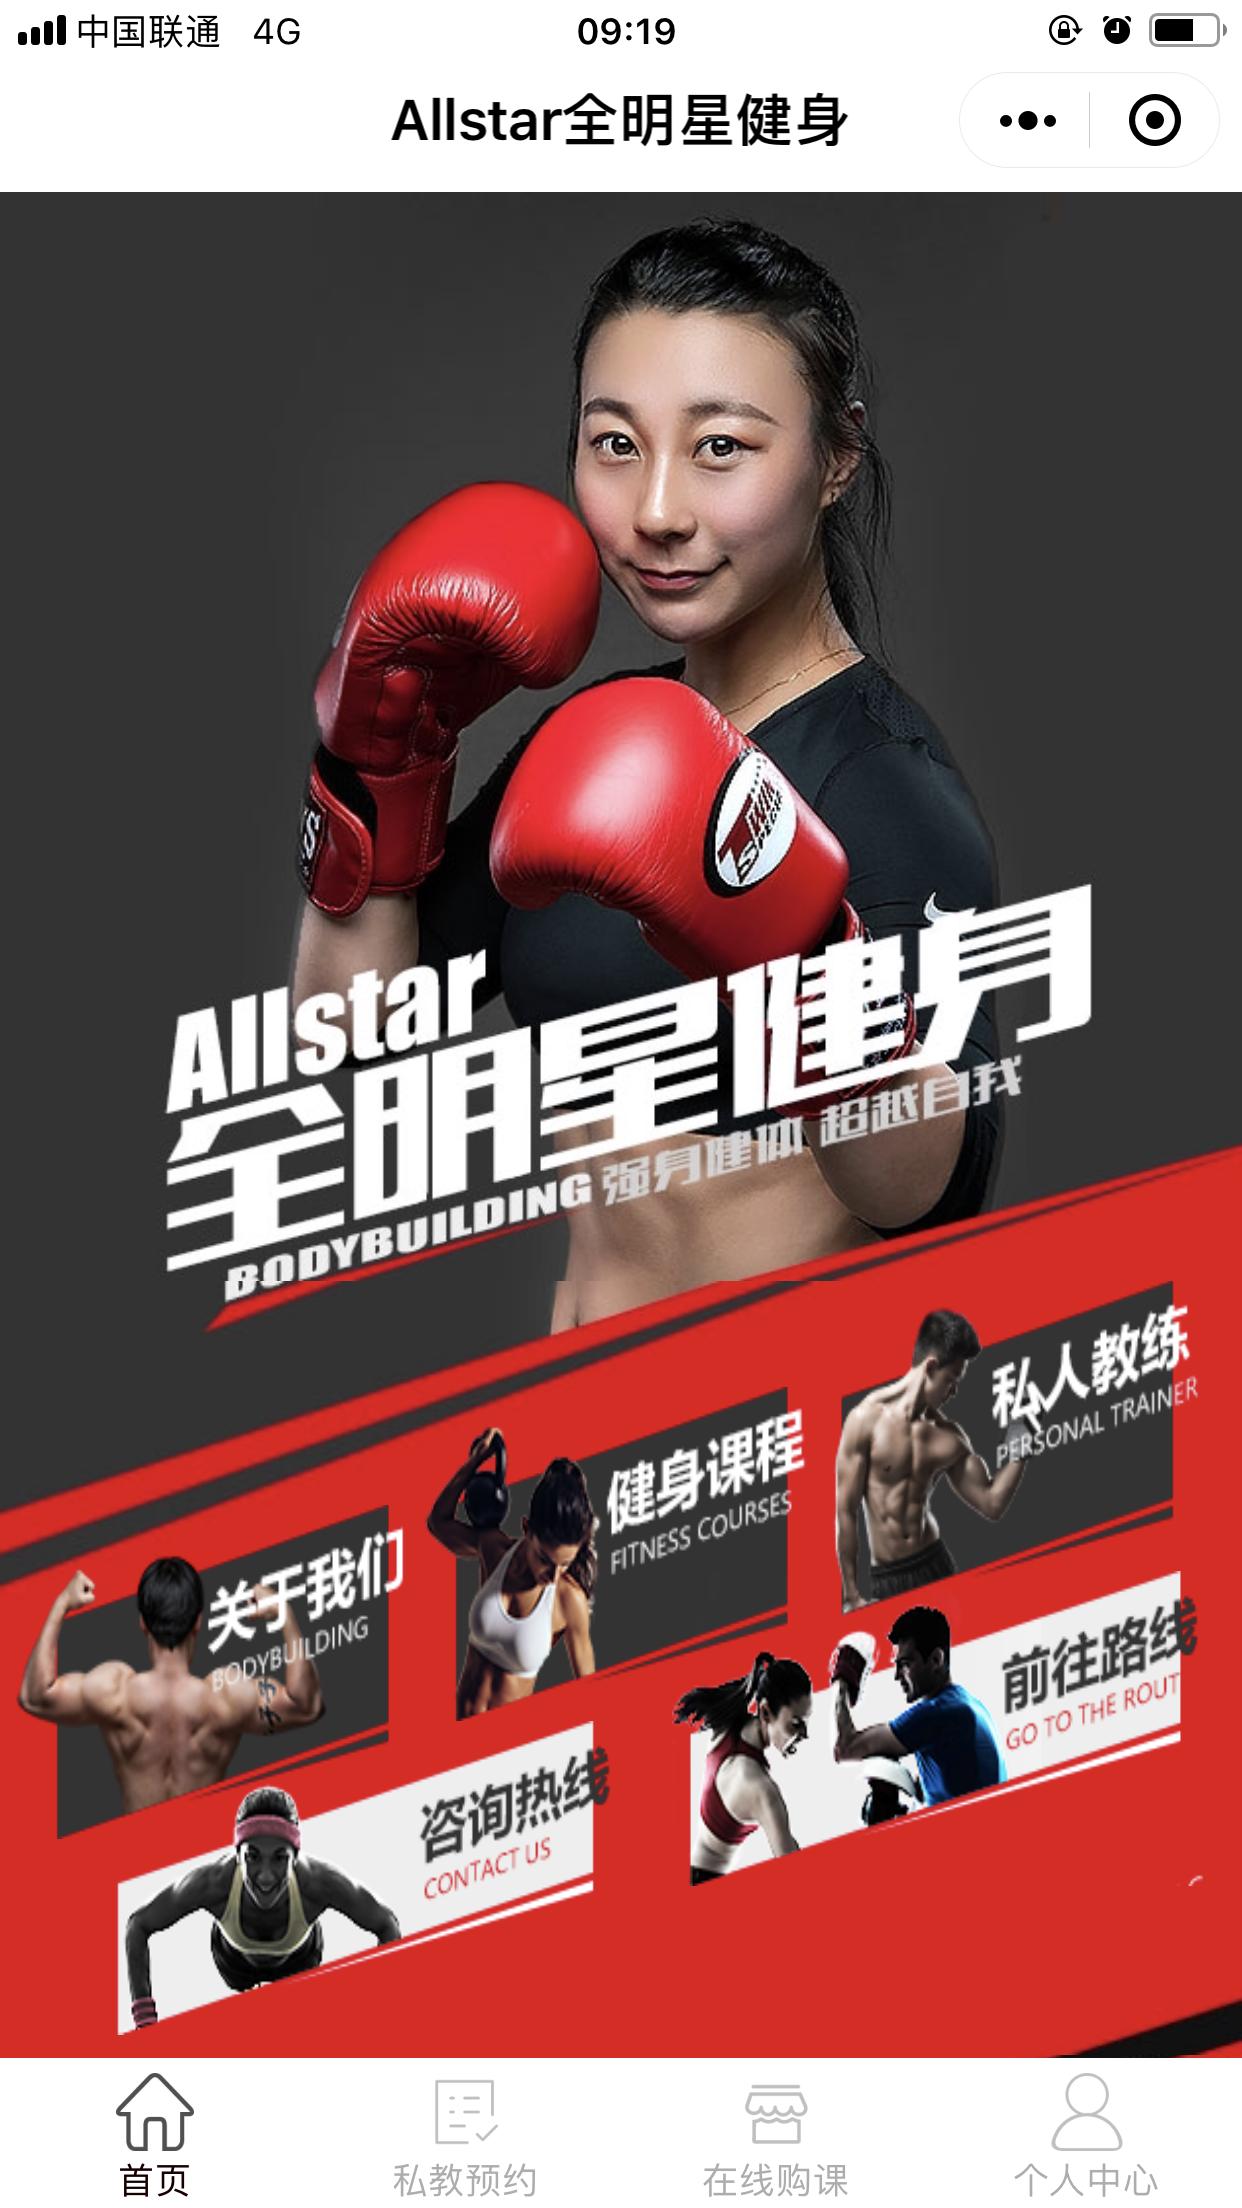 微信Allstar全明星健身工作室小程序